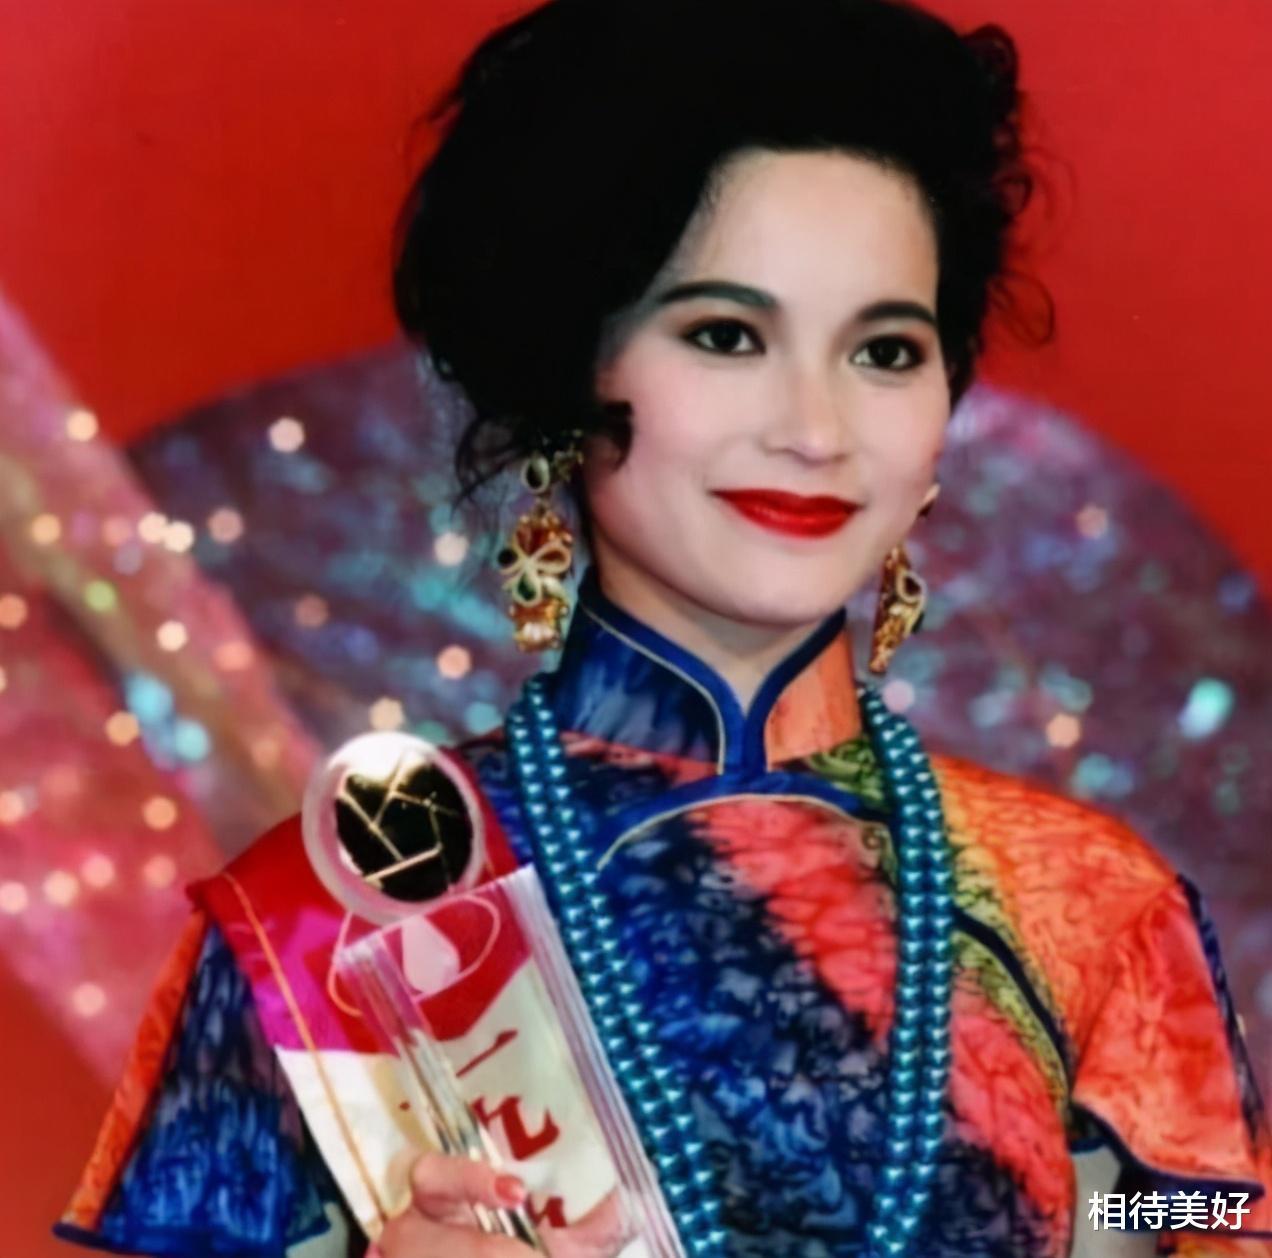 她在吳京最落魄的時候甩瞭他, 轉身嫁入豪門, 如今被嘲賣魚維生-圖6